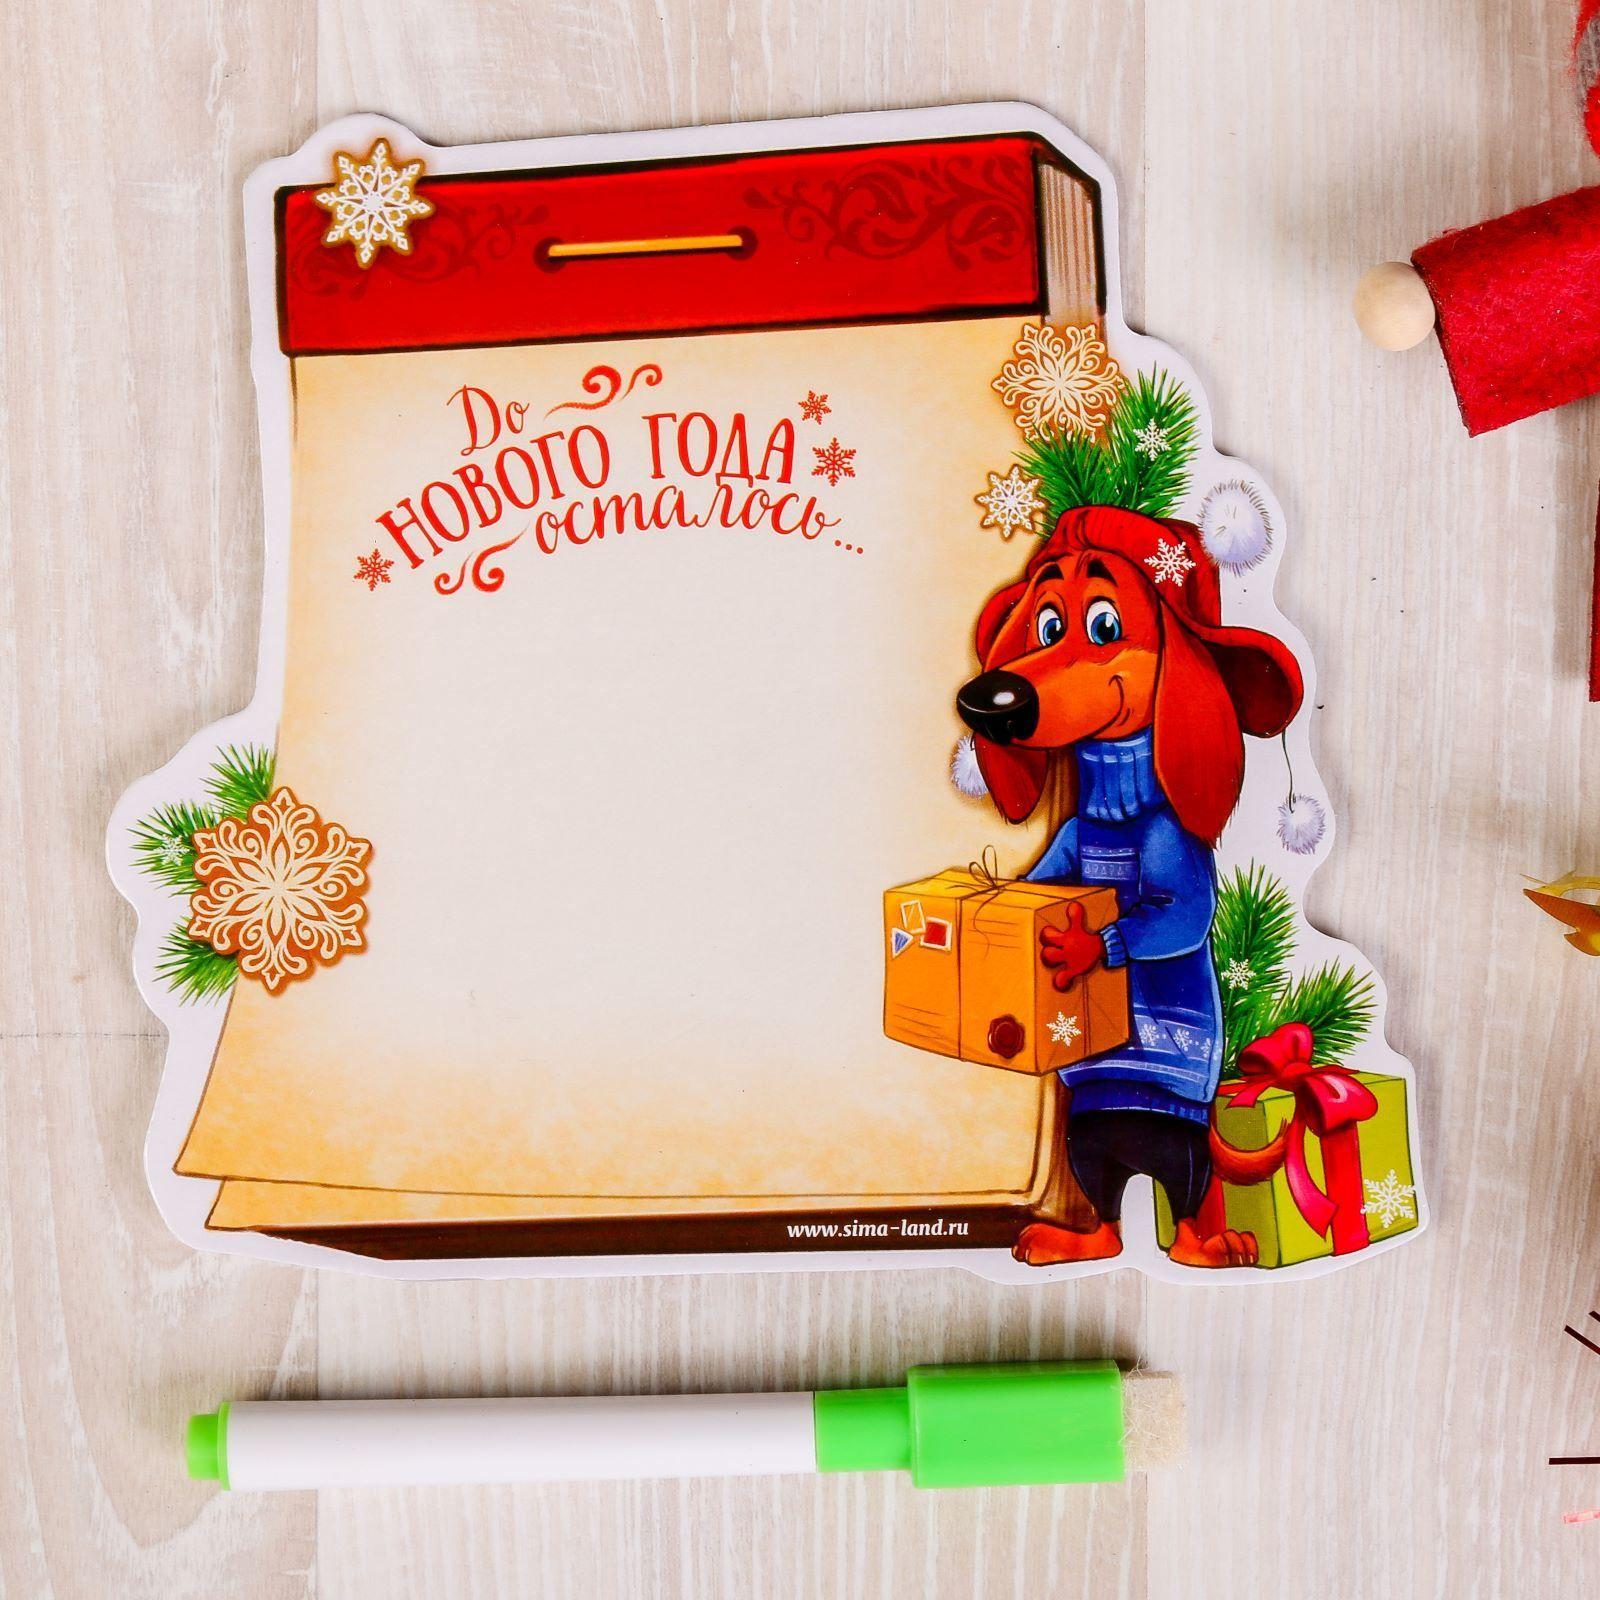 Доска магнитная Sima-land До Нового года осталось..., 15 х 16 см2196221Порадуйте родных и близких оригинальным сувениром: преподнесите в подарок магнитную доску. С ним даже самый серьезный человек почувствует себя ребенком, ожидающим чудо!Создайте праздничное настроение, и оно останется с вами на весь год.В комплект входит маркер.